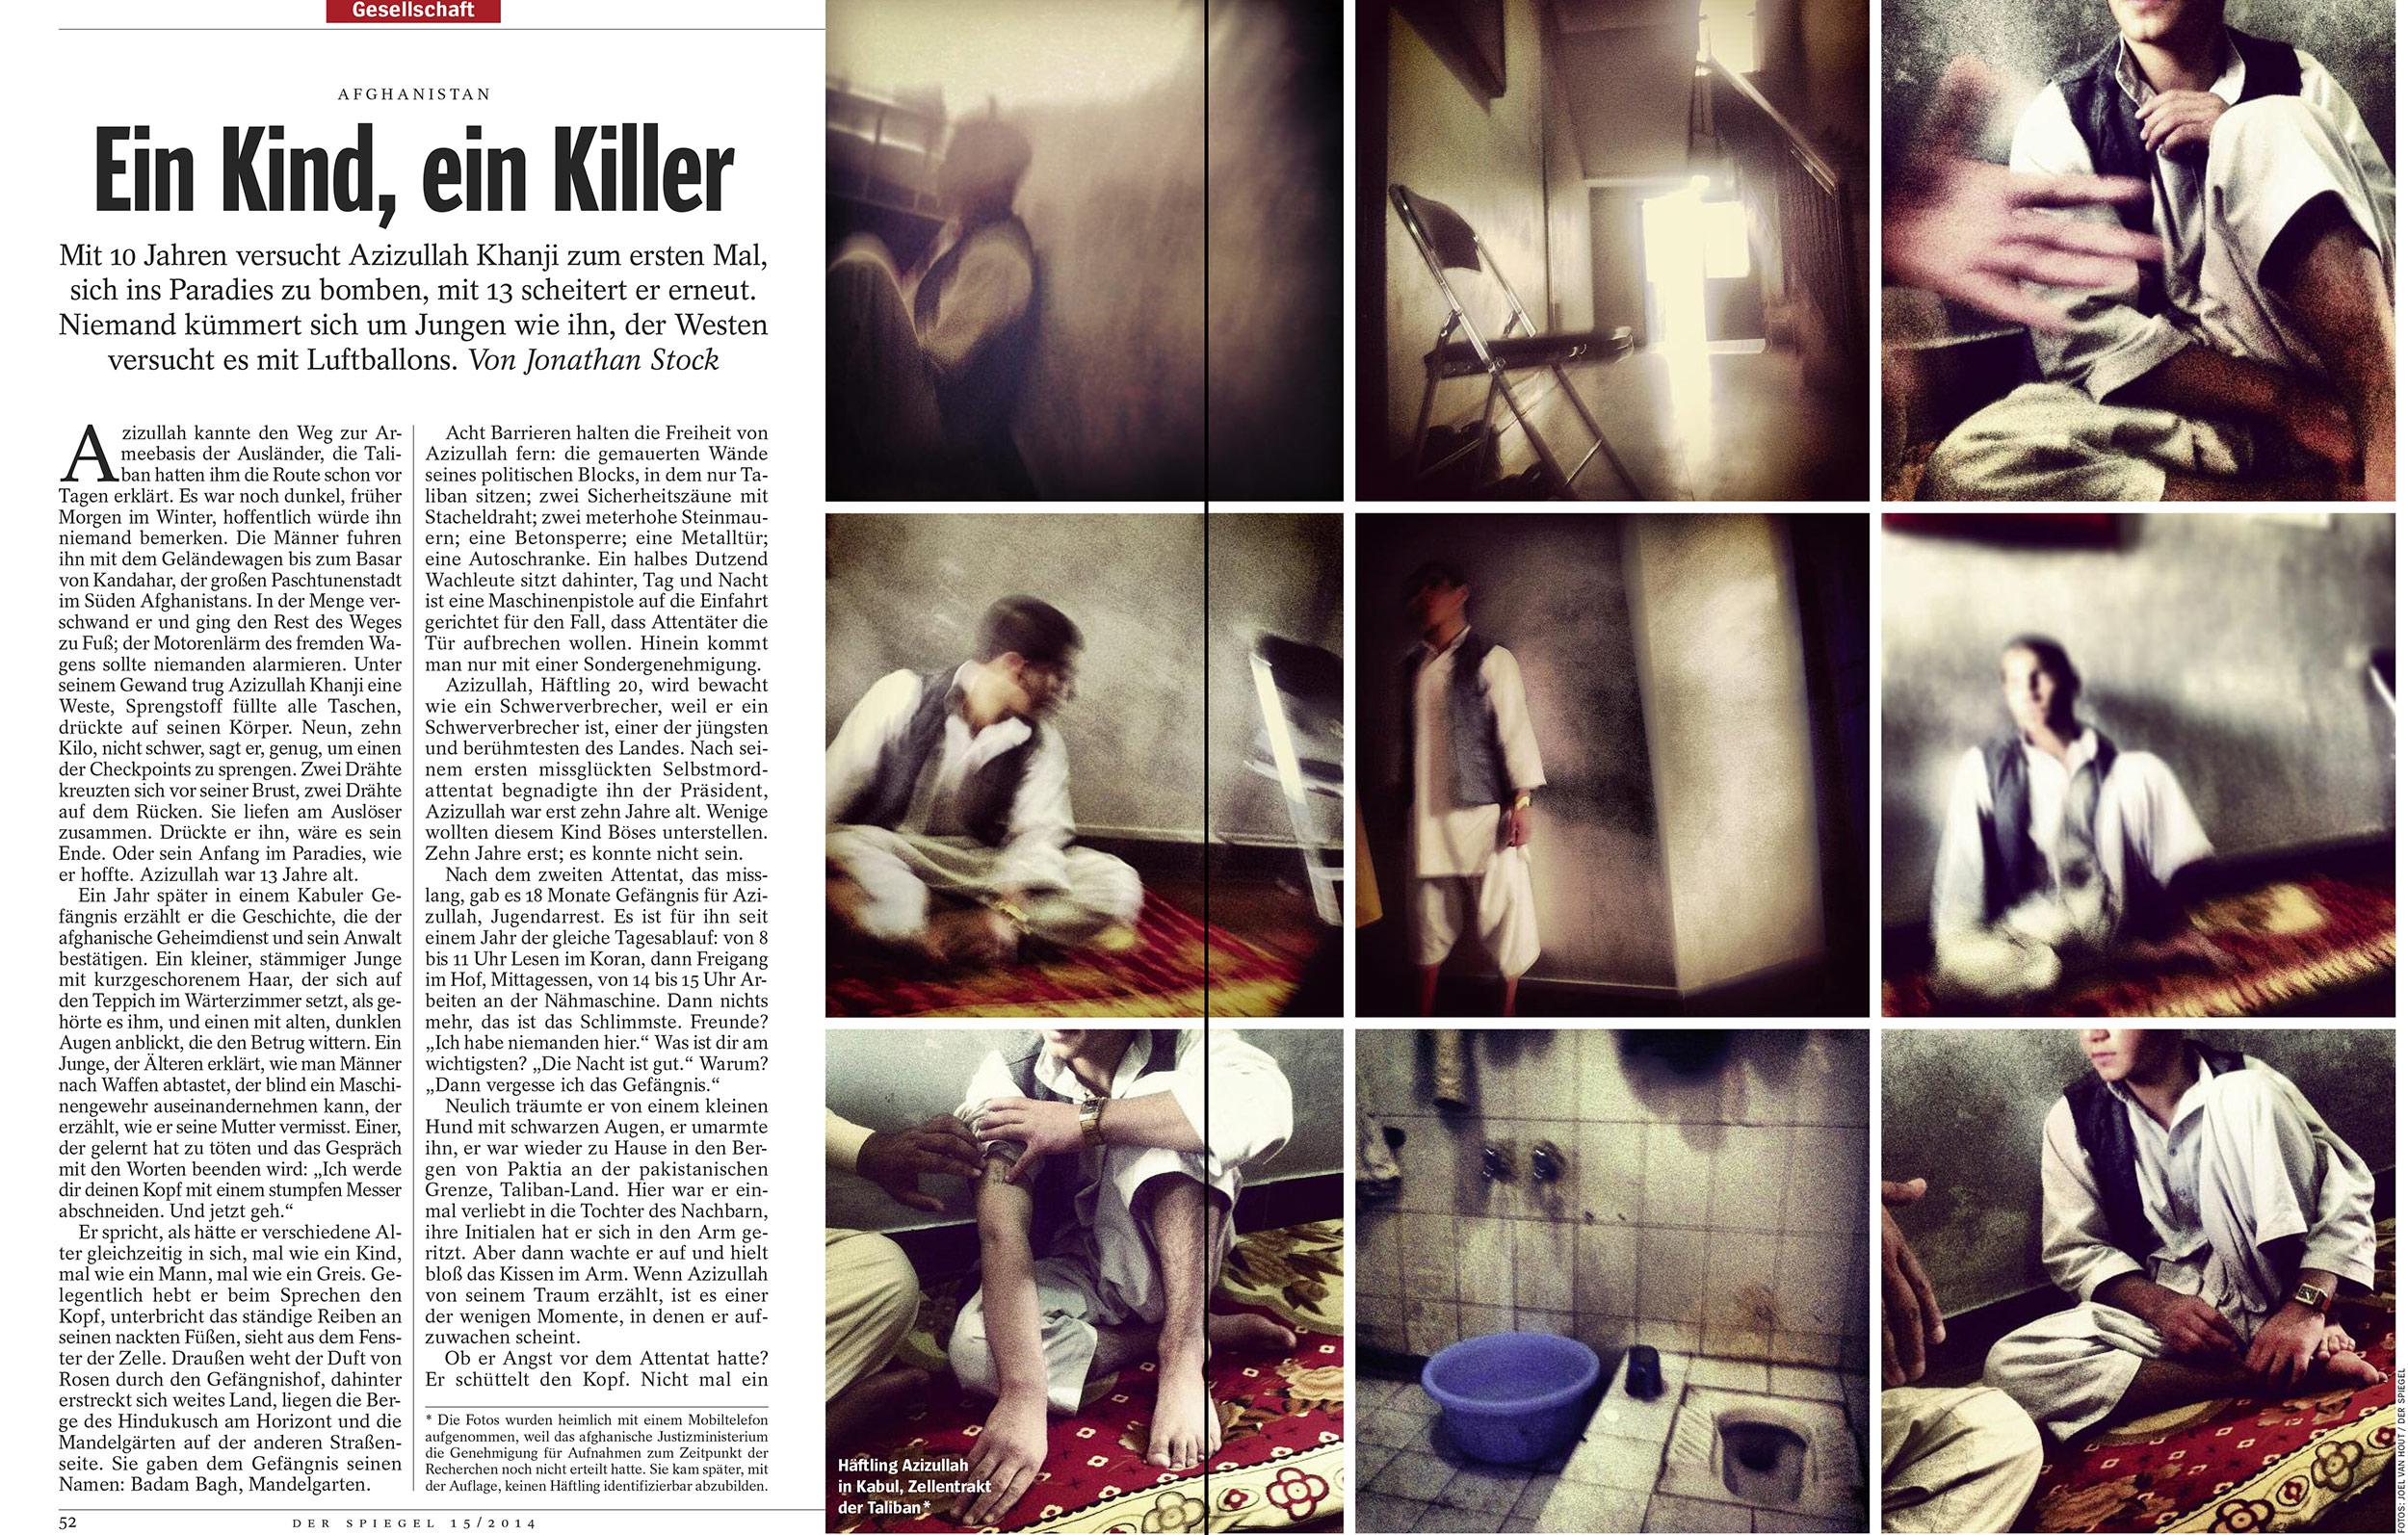 Der Spiegel, April 2014